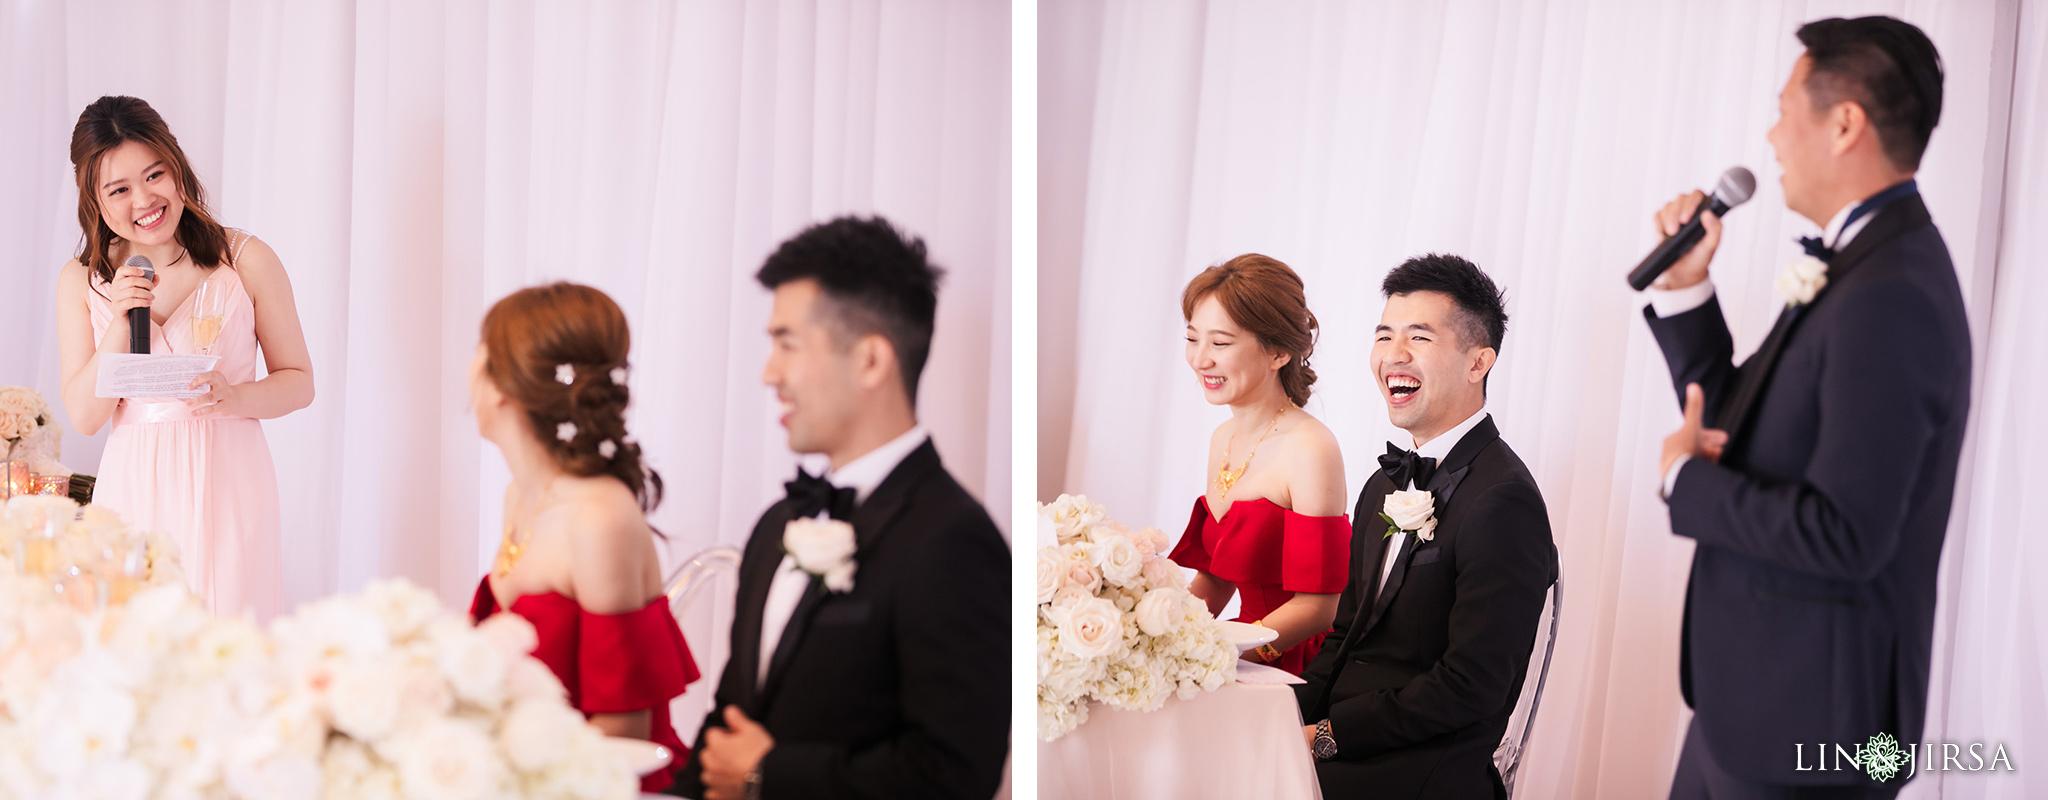 30 ritz carlton laguna niguel wedding chinese